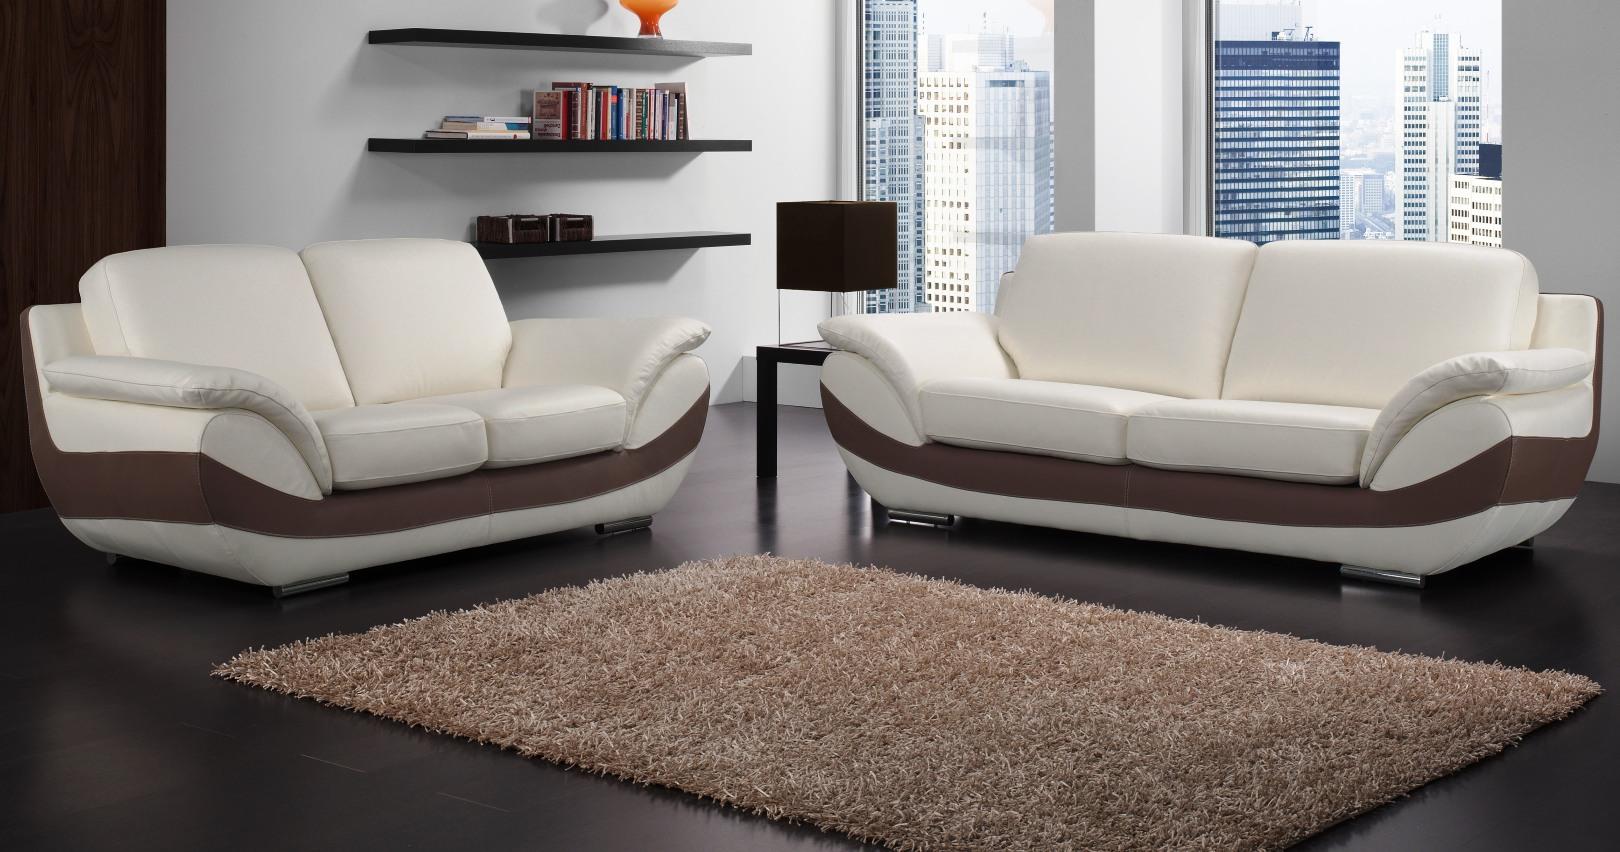 canap bruno personnalisable sur univers du cuir. Black Bedroom Furniture Sets. Home Design Ideas